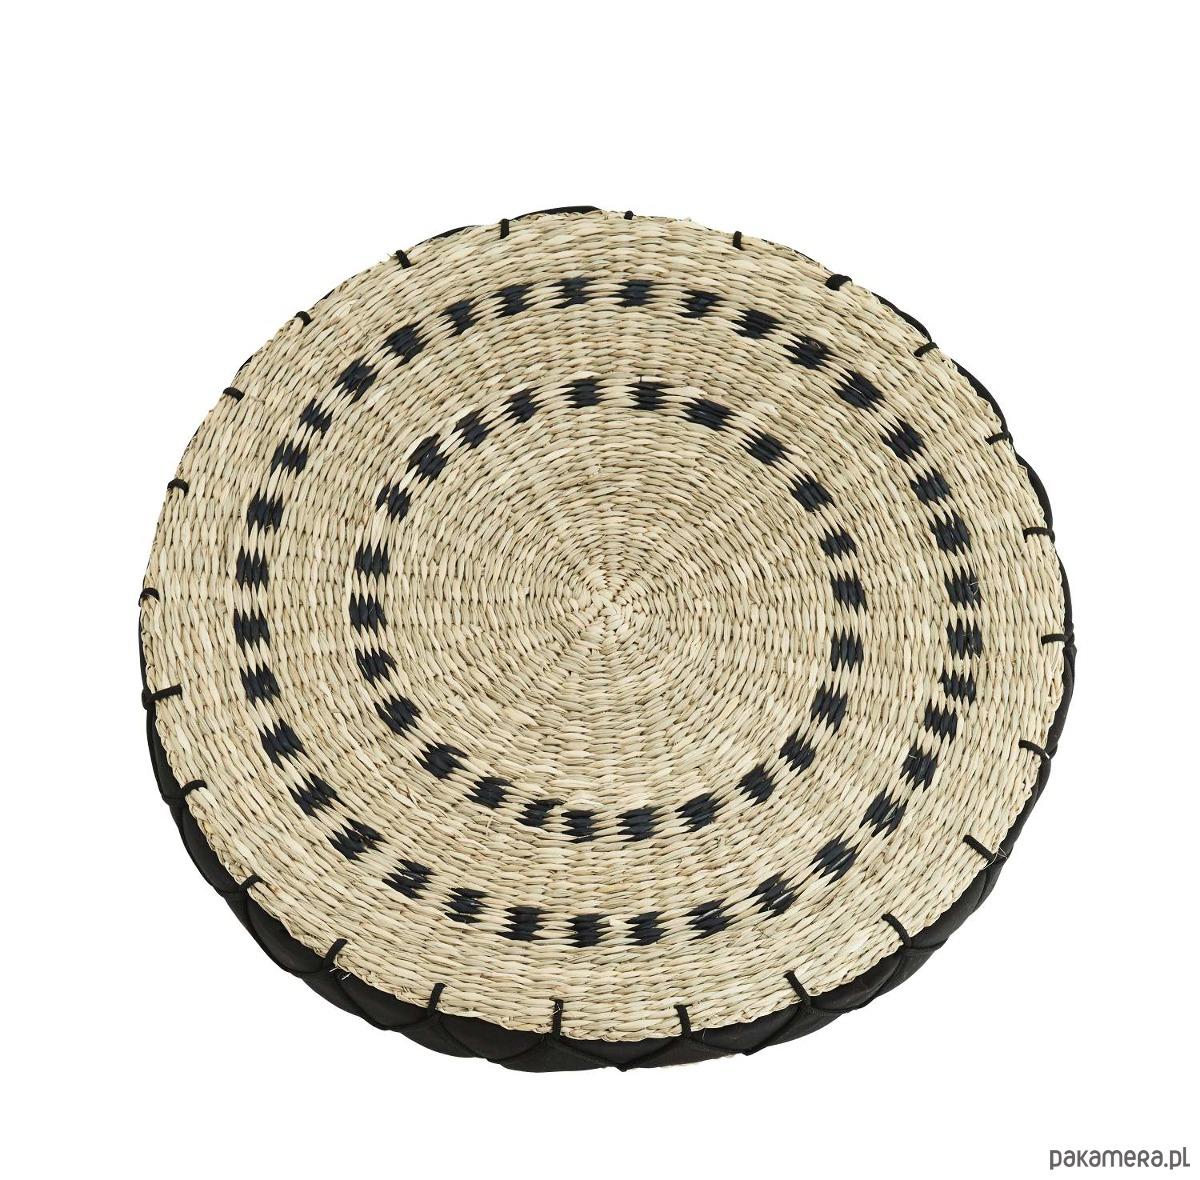 Poduszka Na Krzesło Ogrodowa Newark Okrągła Pakamerapl